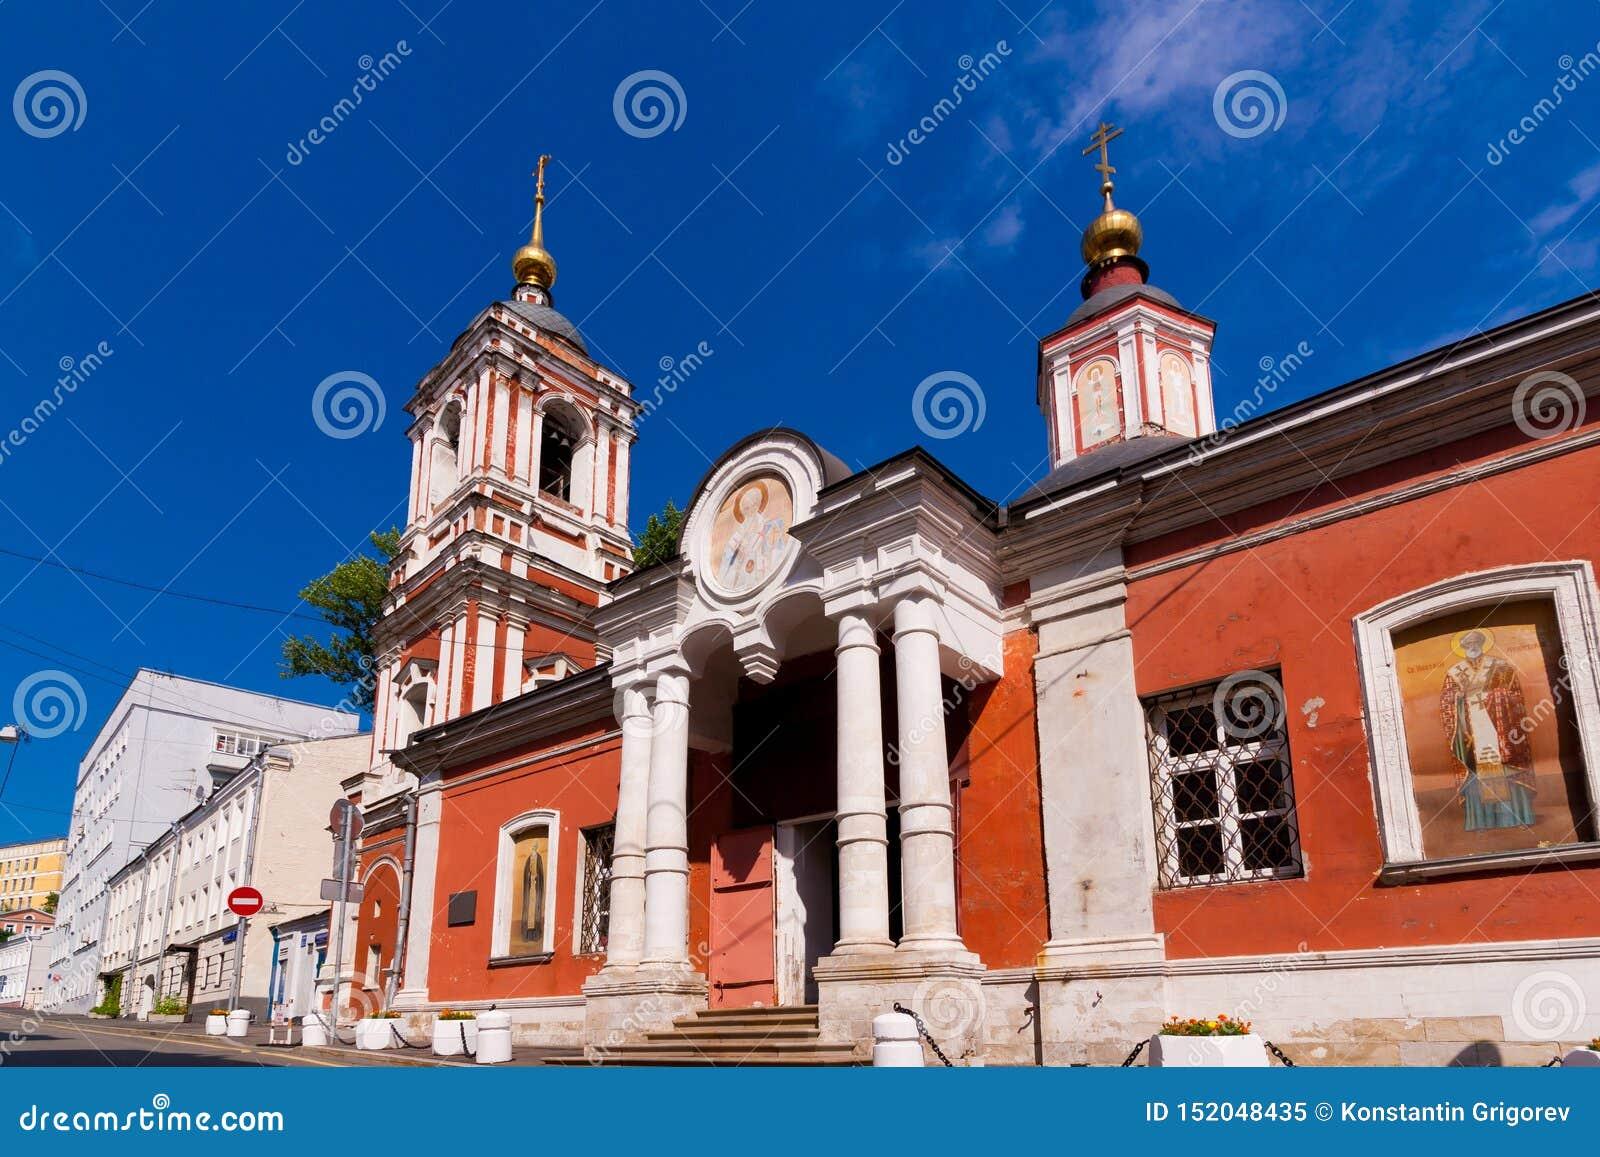 Voorgevel van Oude rode baksteenkerk belltower